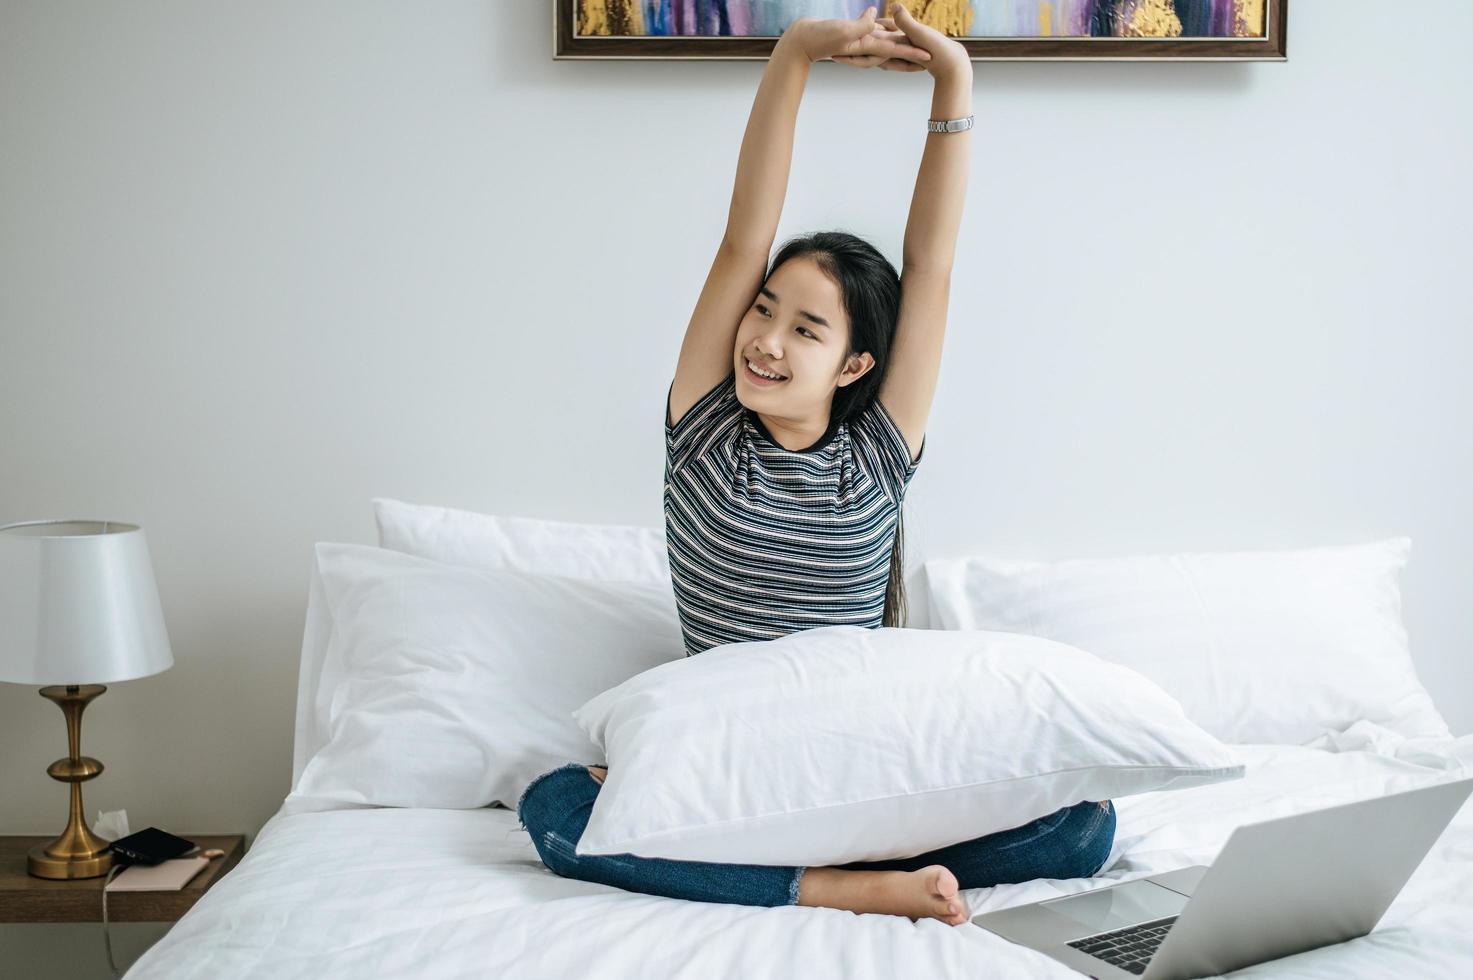 junge Frau sitzt auf ihrem Bett und streckt die Arme aus foto